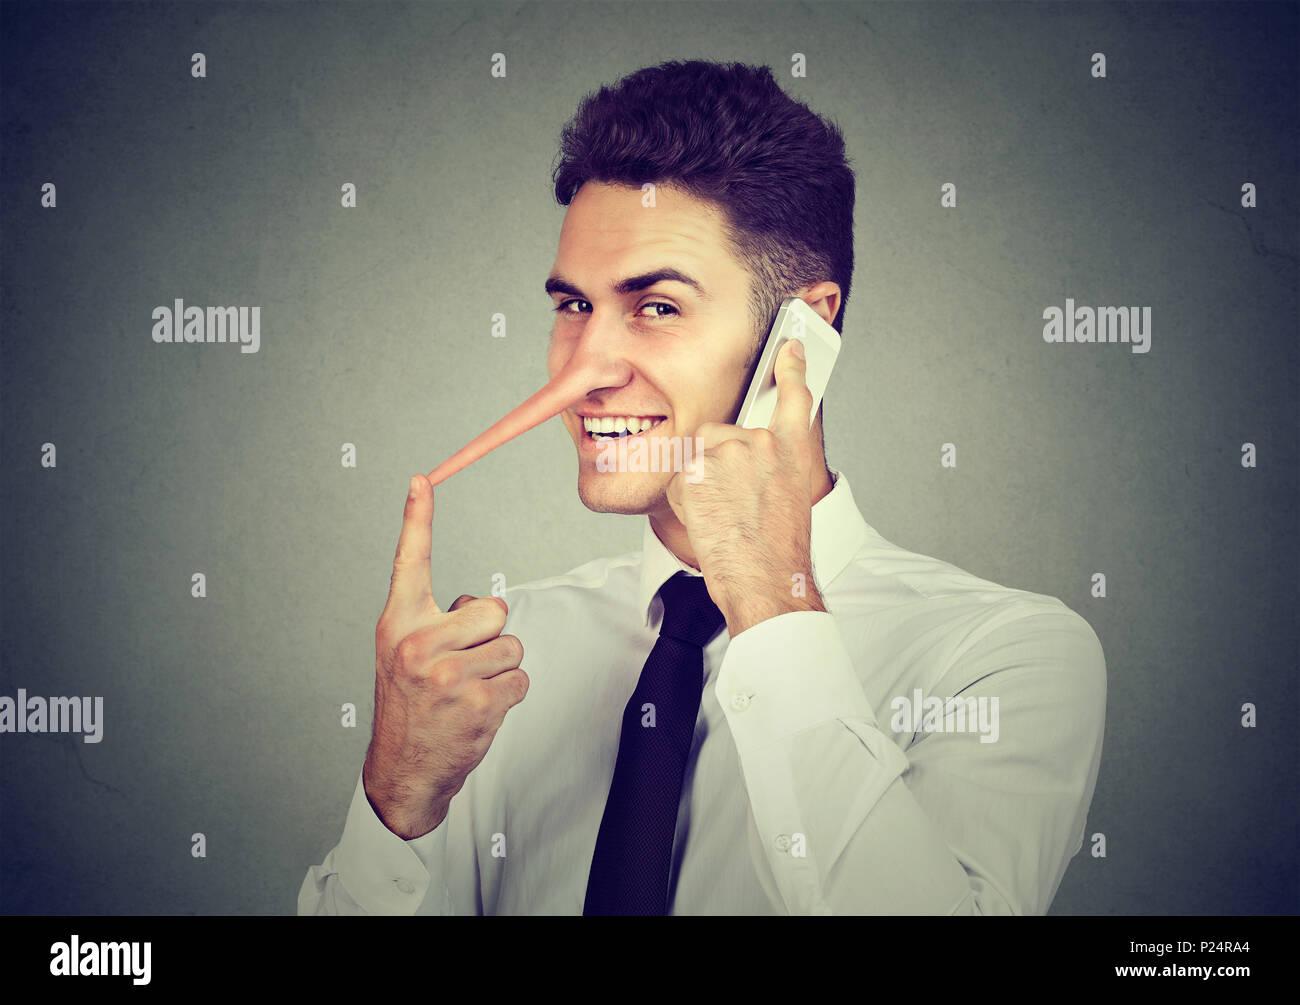 Jeune homme rusé avec long nez talking on mobile phone isolé sur fond de mur gris. Menteur concept. L'émotion des sentiments, de traits de caractère Photo Stock